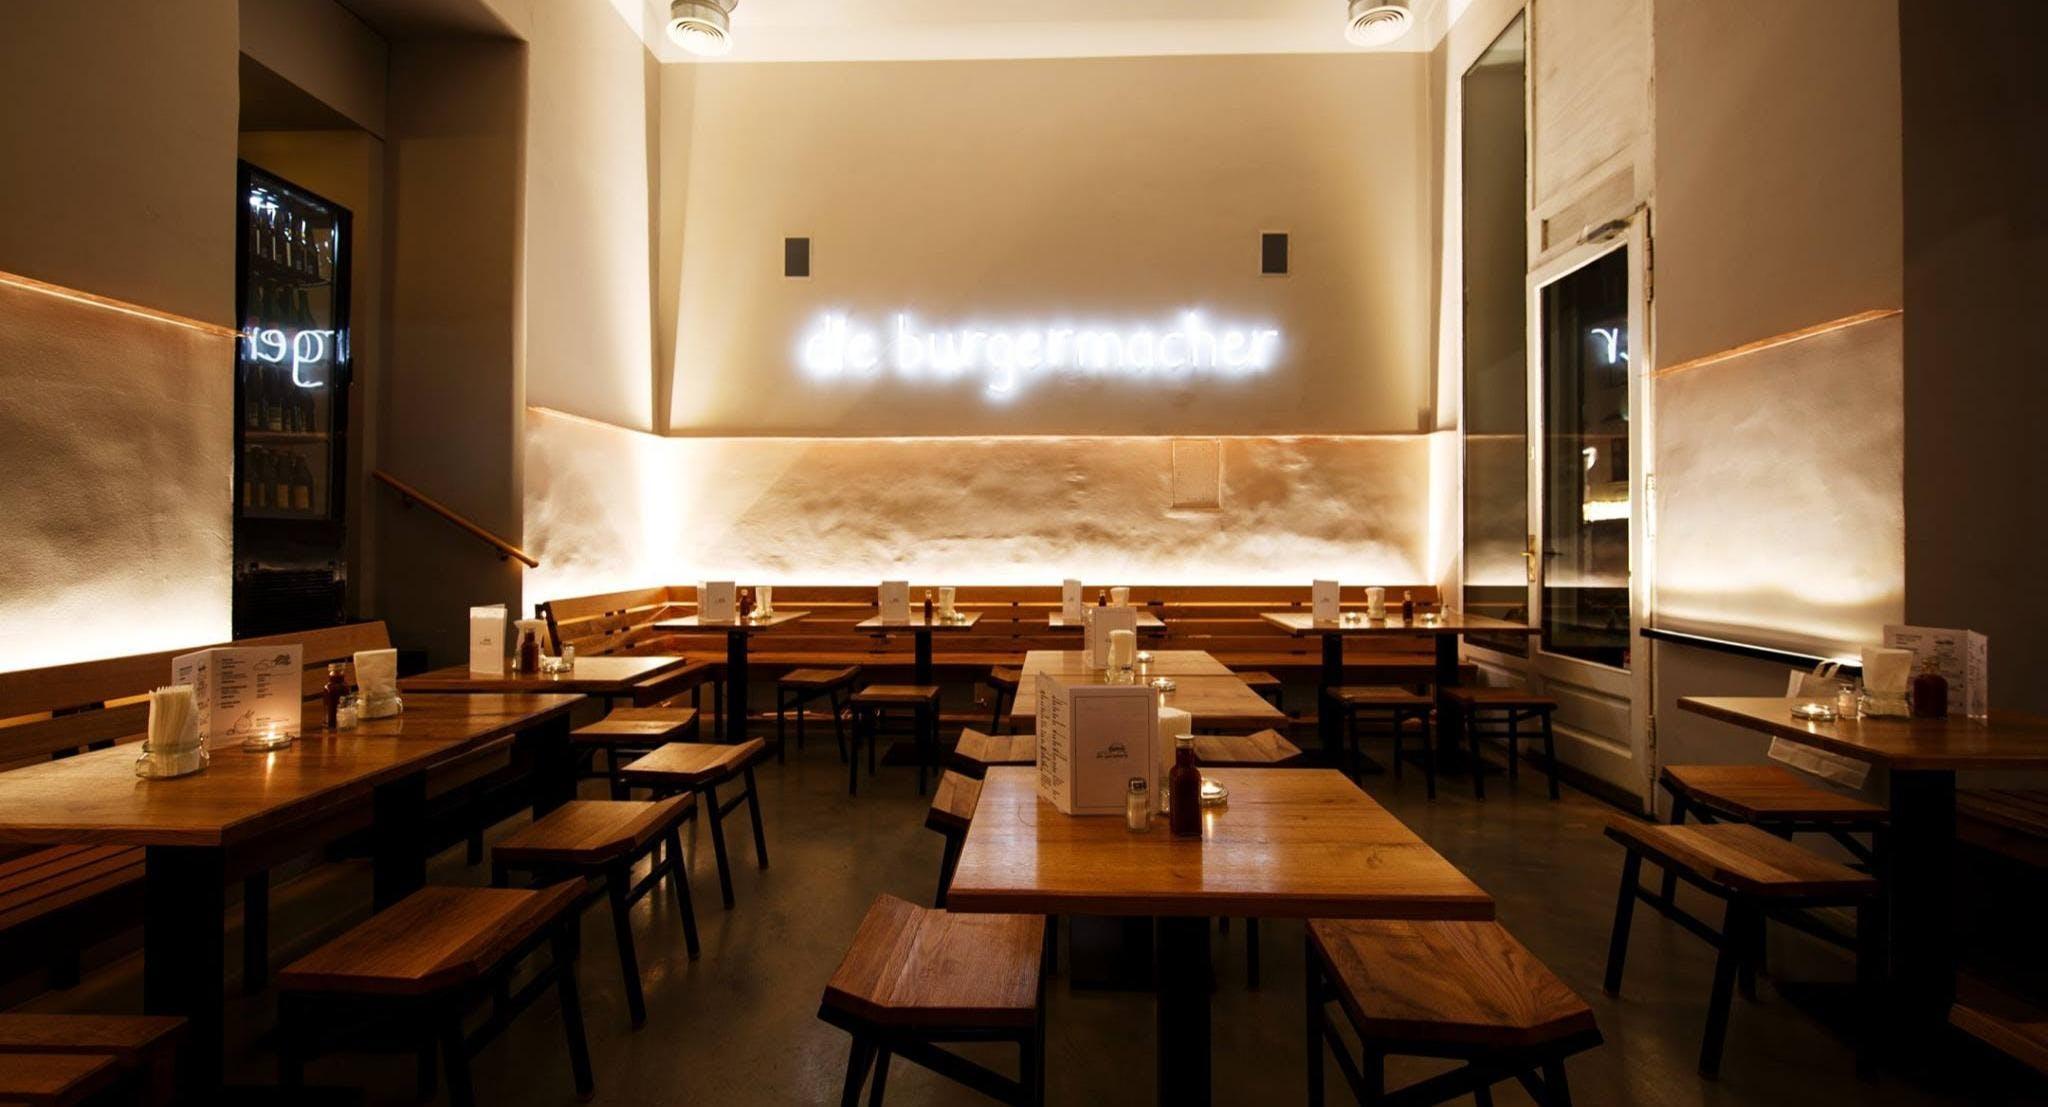 Die Burgermacher Wien image 1